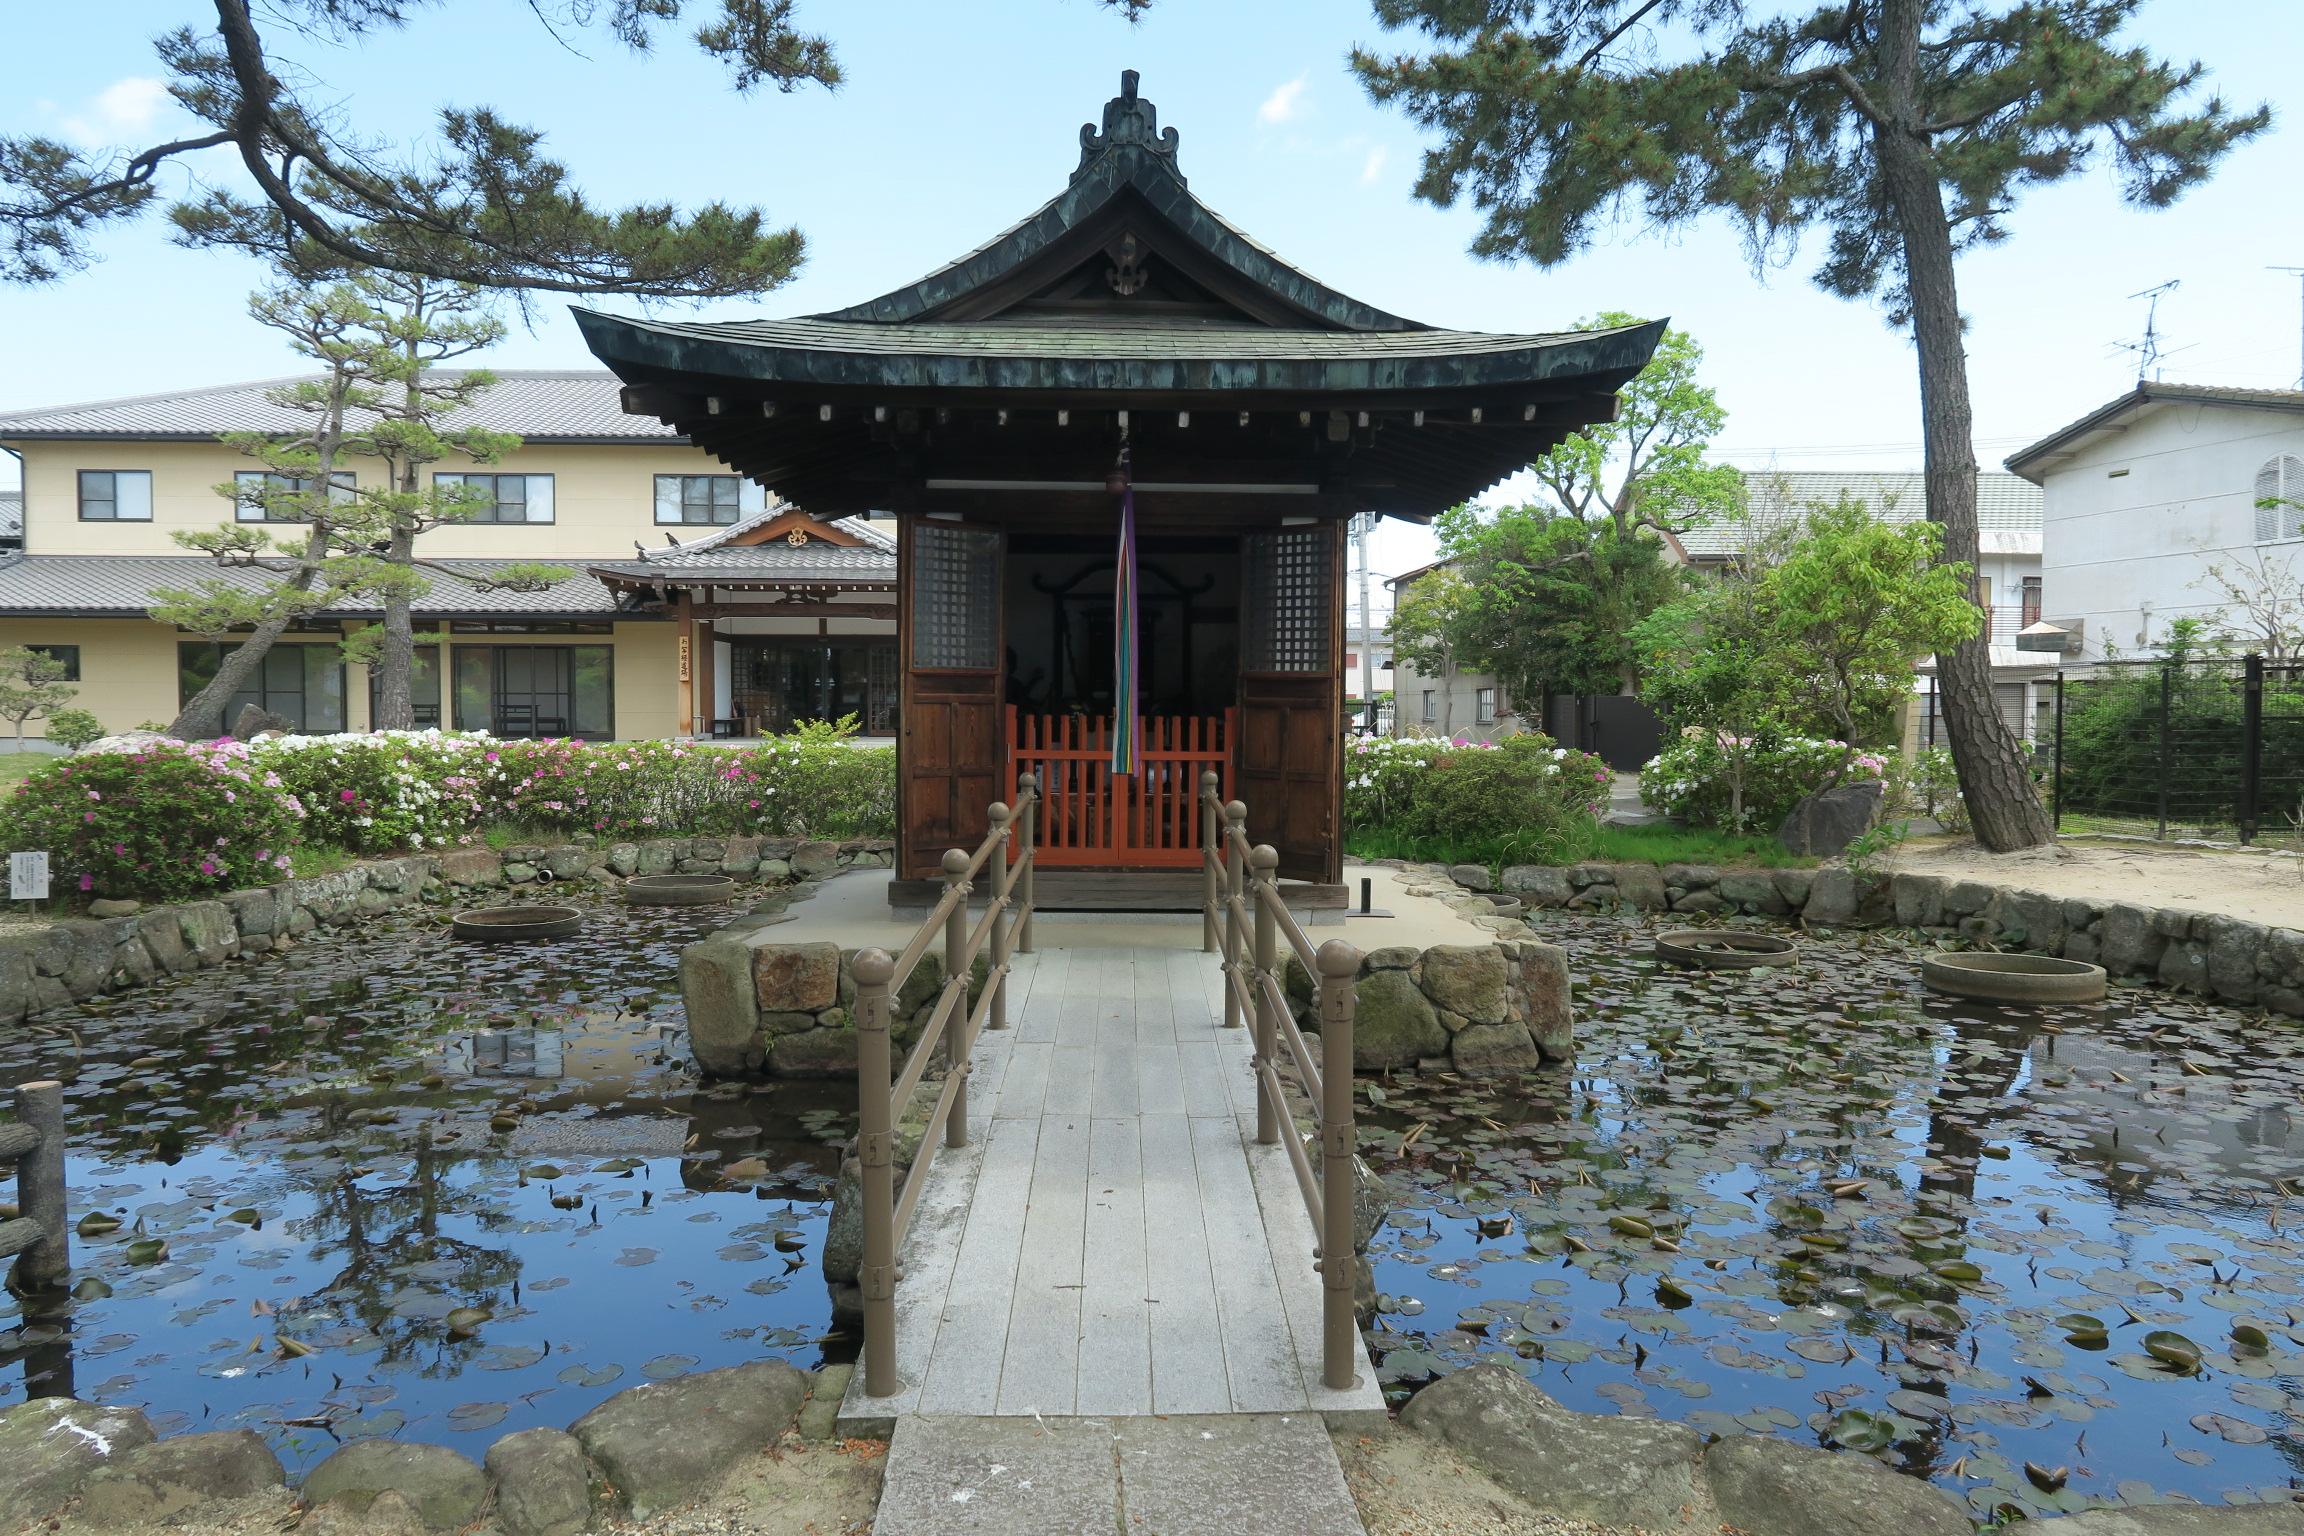 喜光寺本堂の裏にある「弁天堂」。毎年7月下旬に秘仏の「宇賀神王」が公開されます。